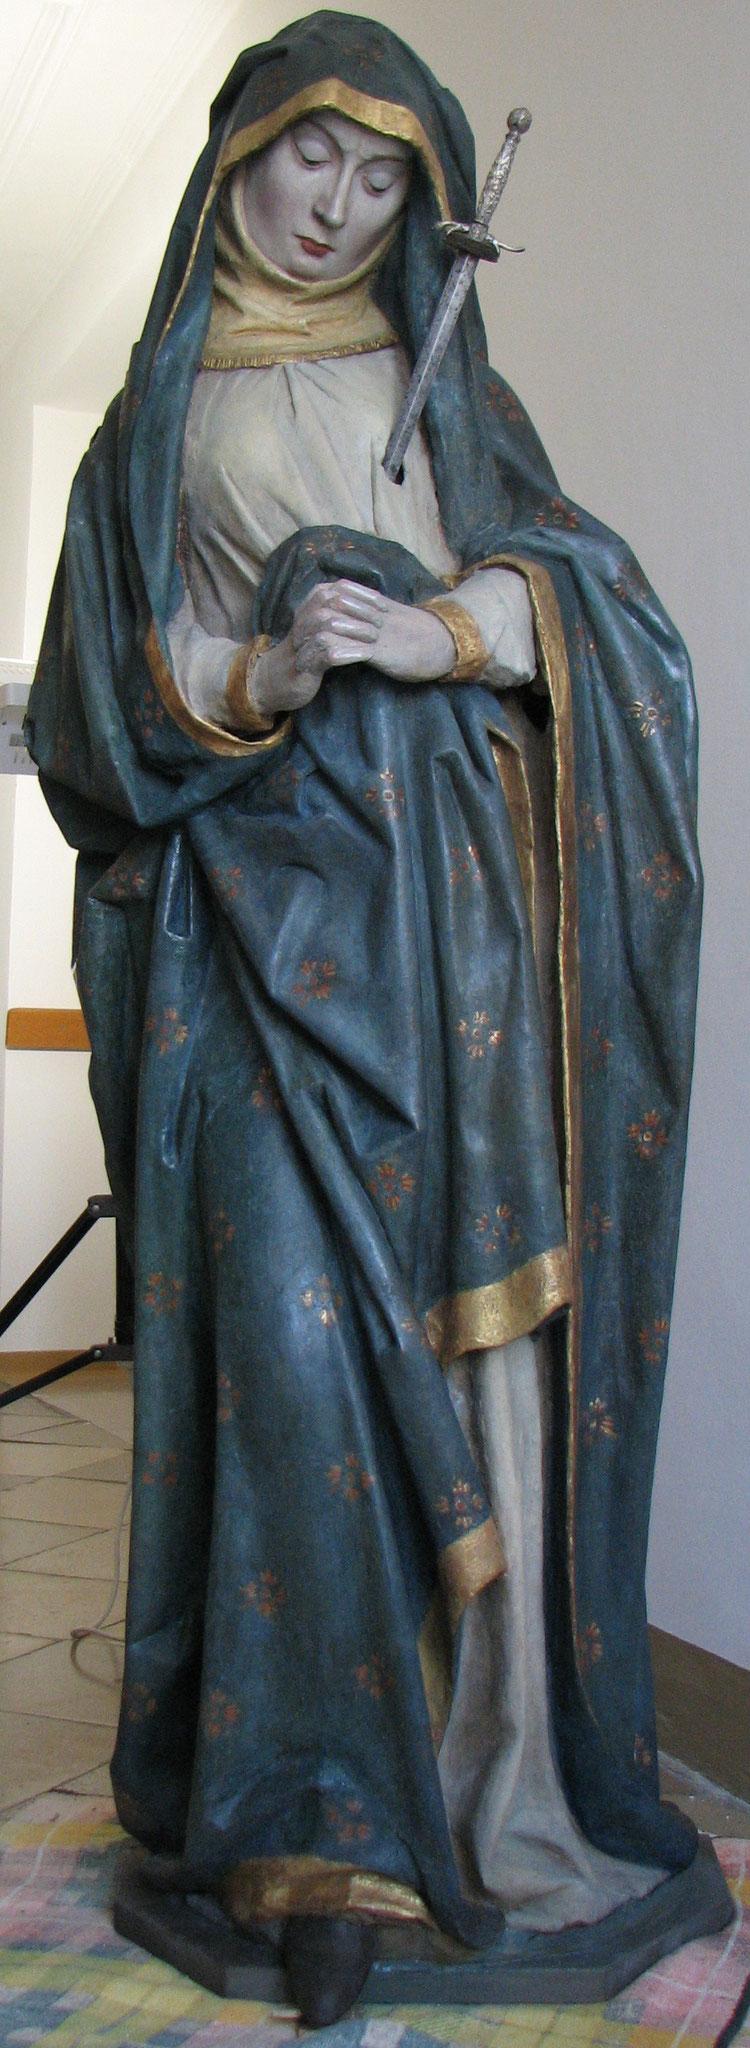 Schmerzhafte Muttergottes aus Terrakotta; 15. Jh. Mindelheim Stadtpfarrkirche im Nonnenchor